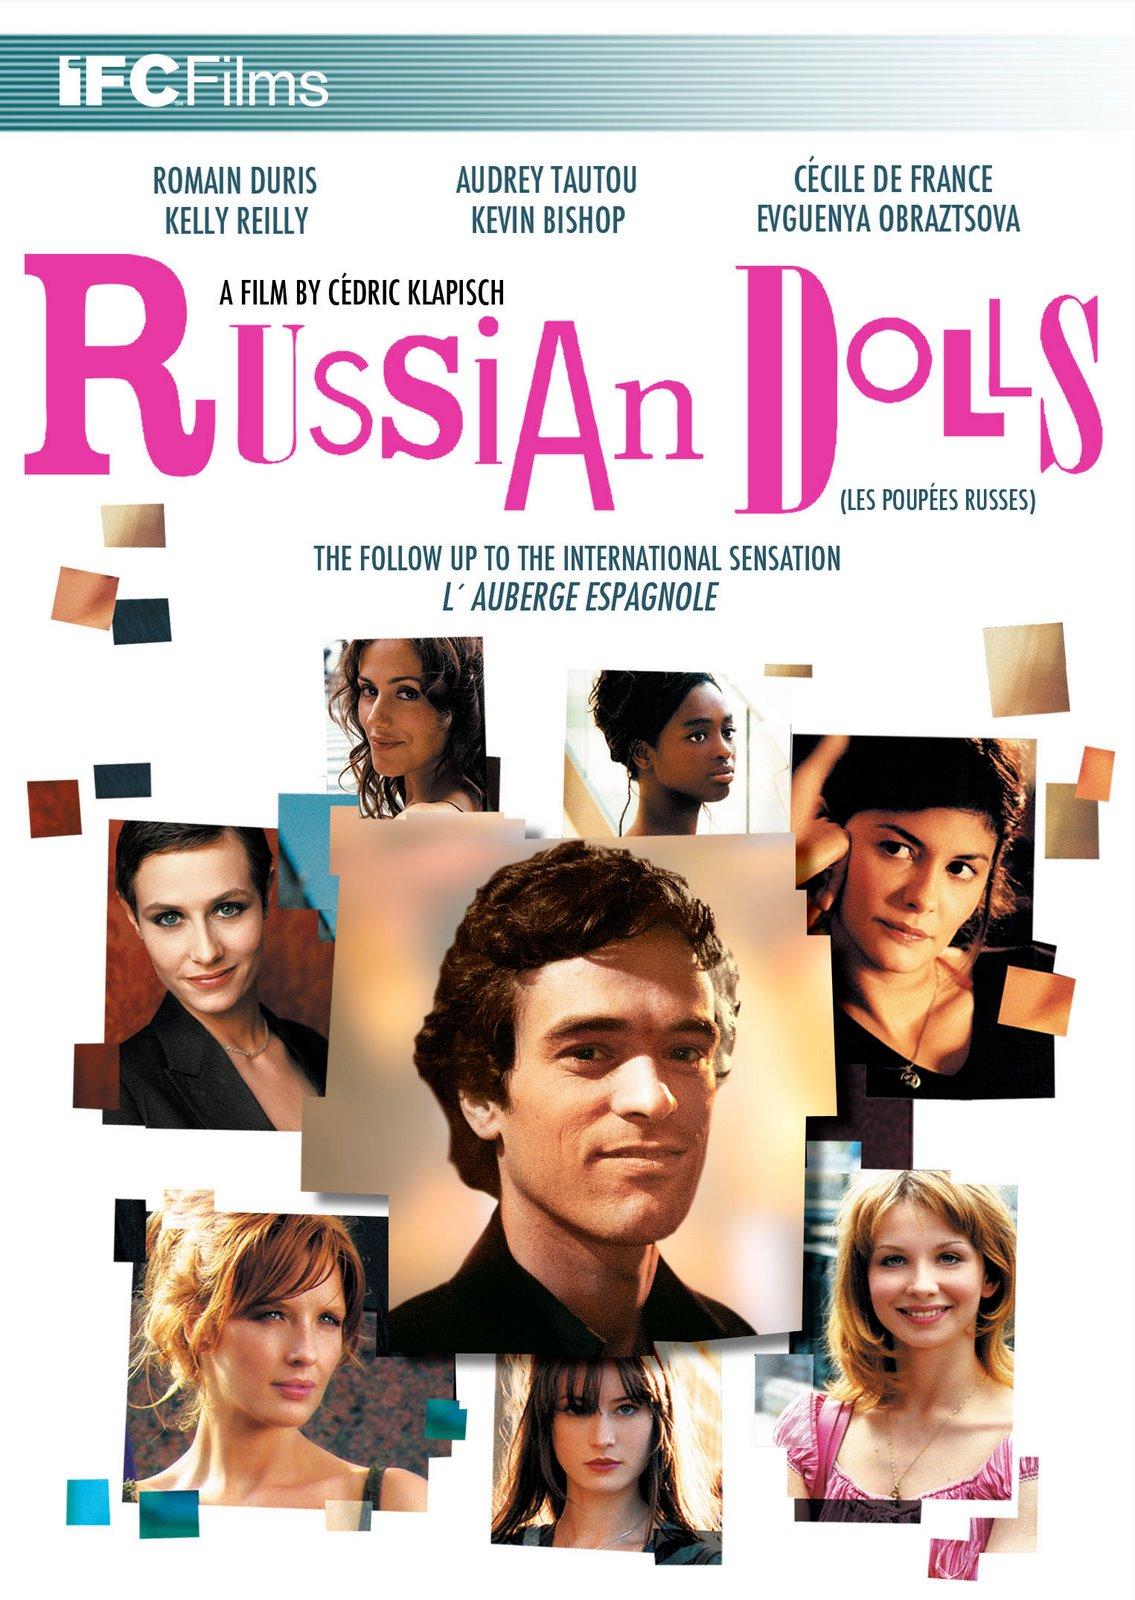 http://4.bp.blogspot.com/_P1AiXPP-3_A/Shry0178oYI/AAAAAAAAACk/pC24NqddN3s/s1600/russian+dolls_1